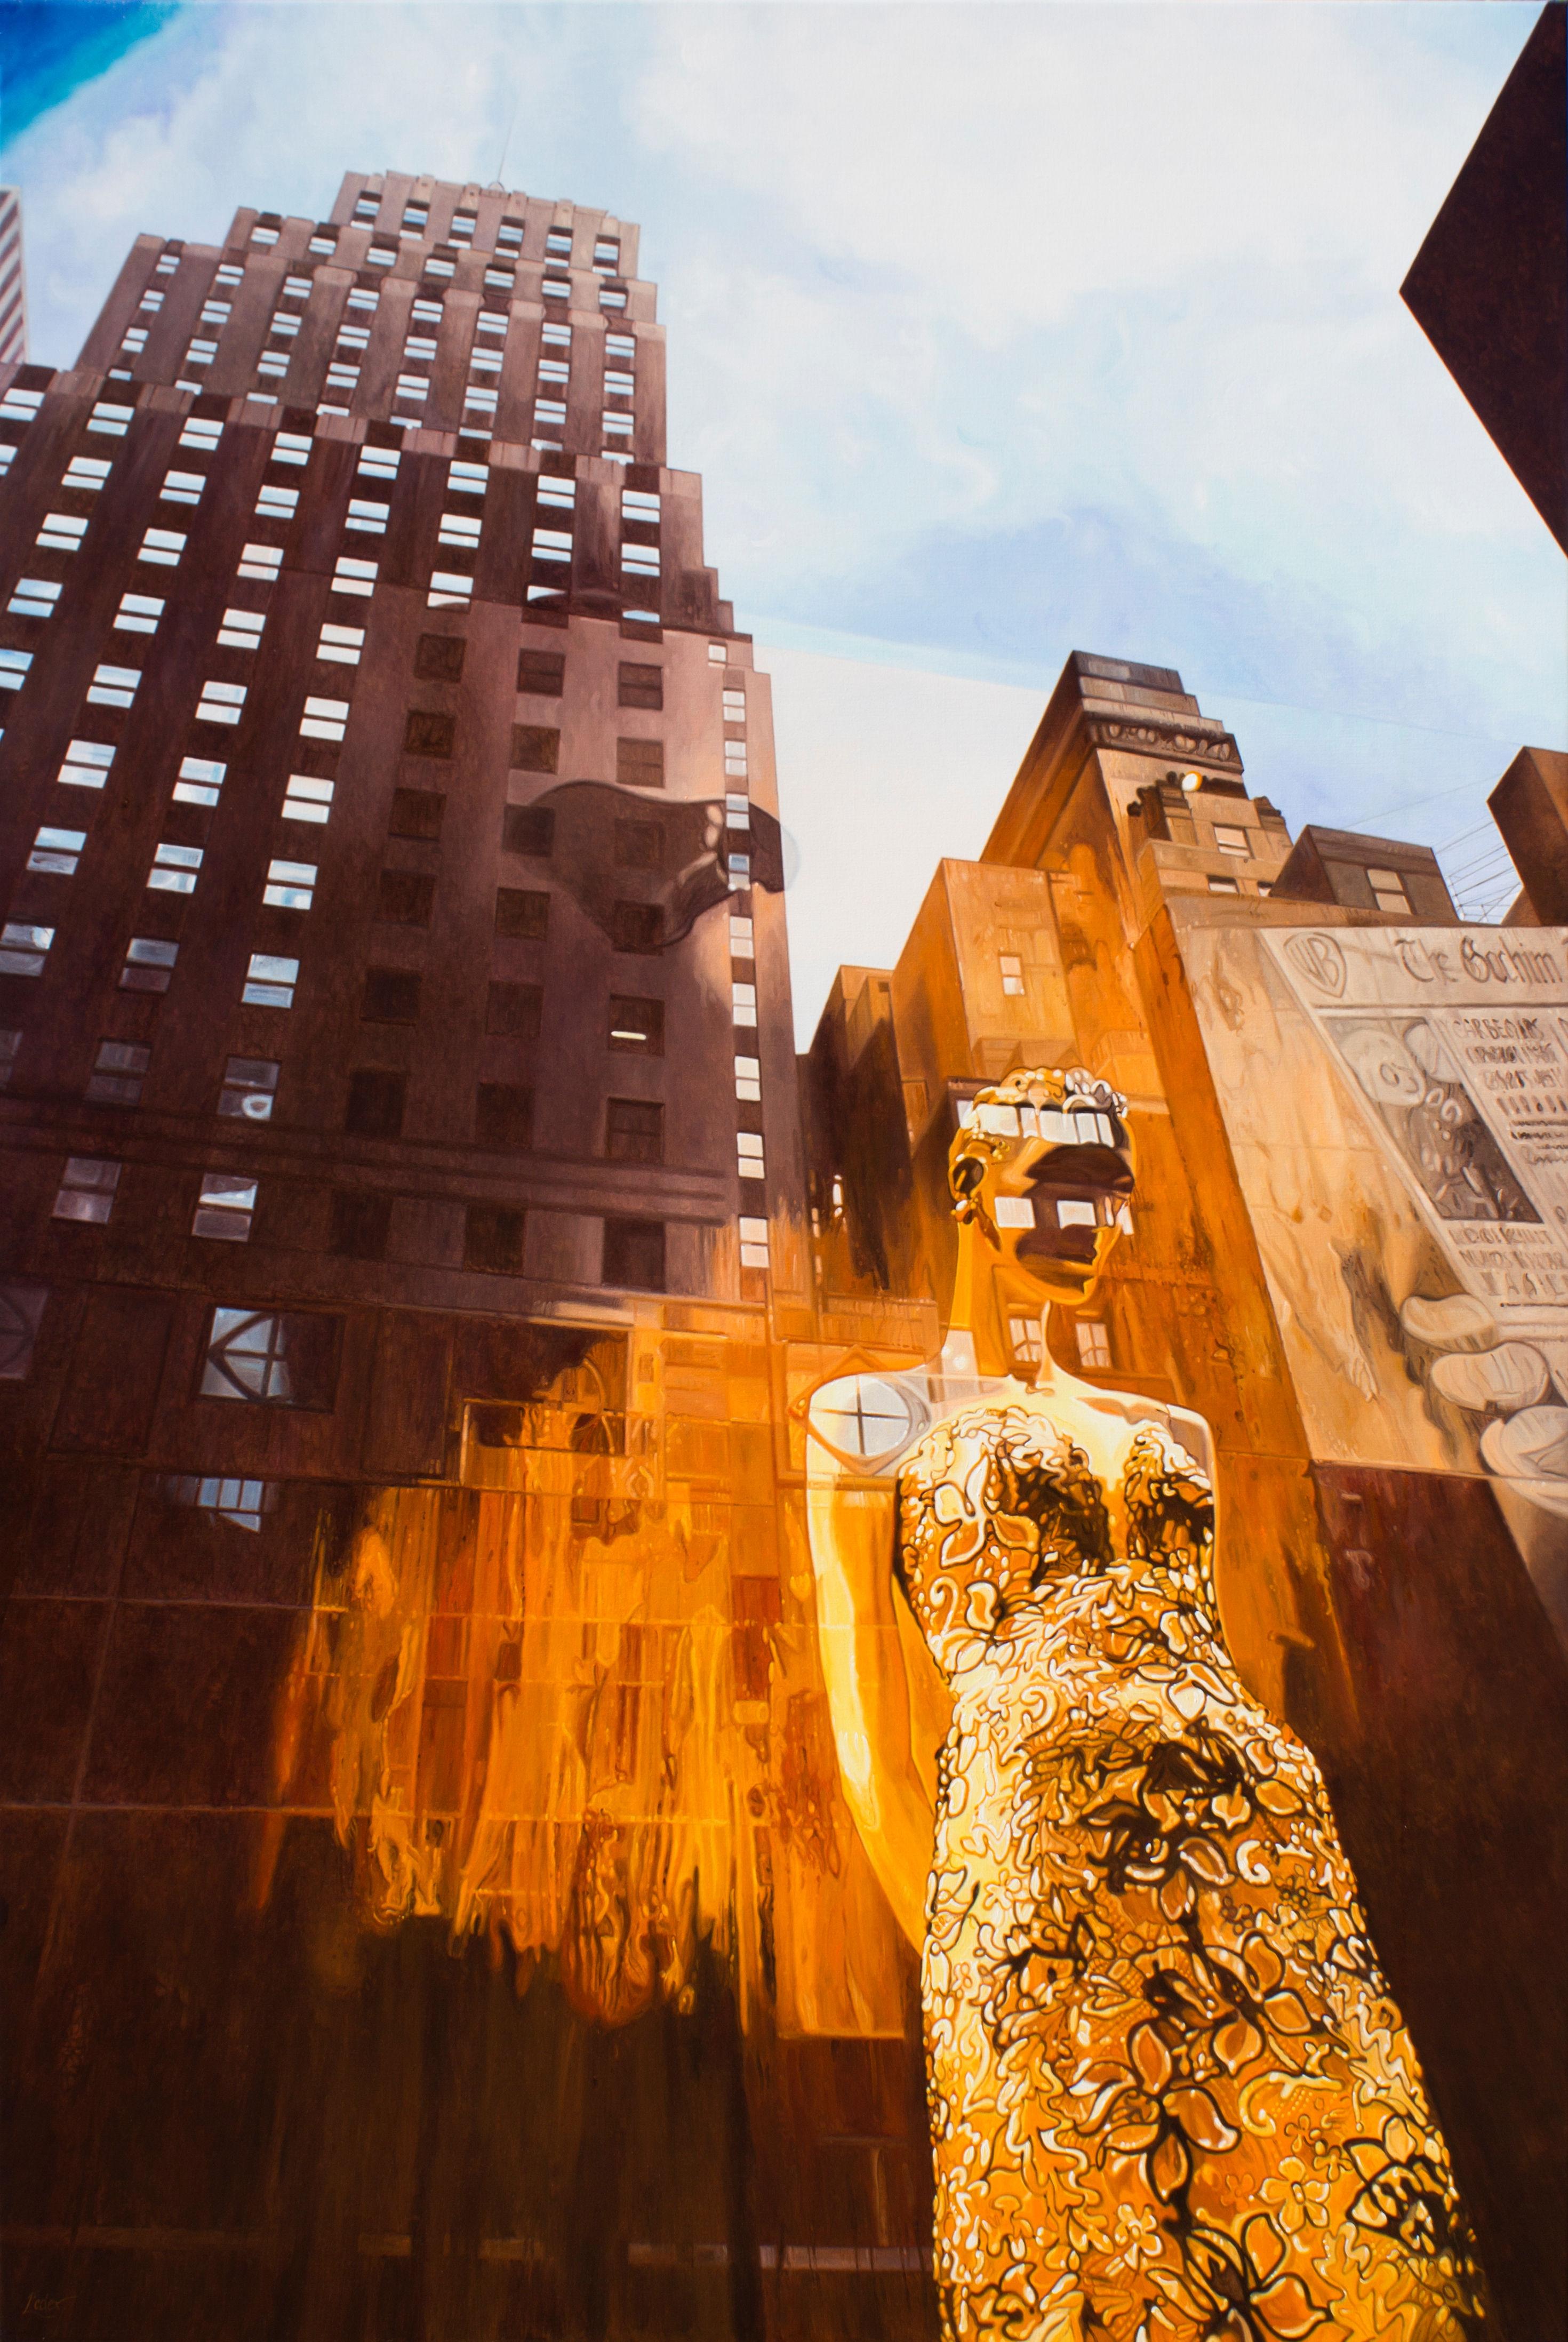 Manhattan Skyline - 95 x 63 in - SOLD